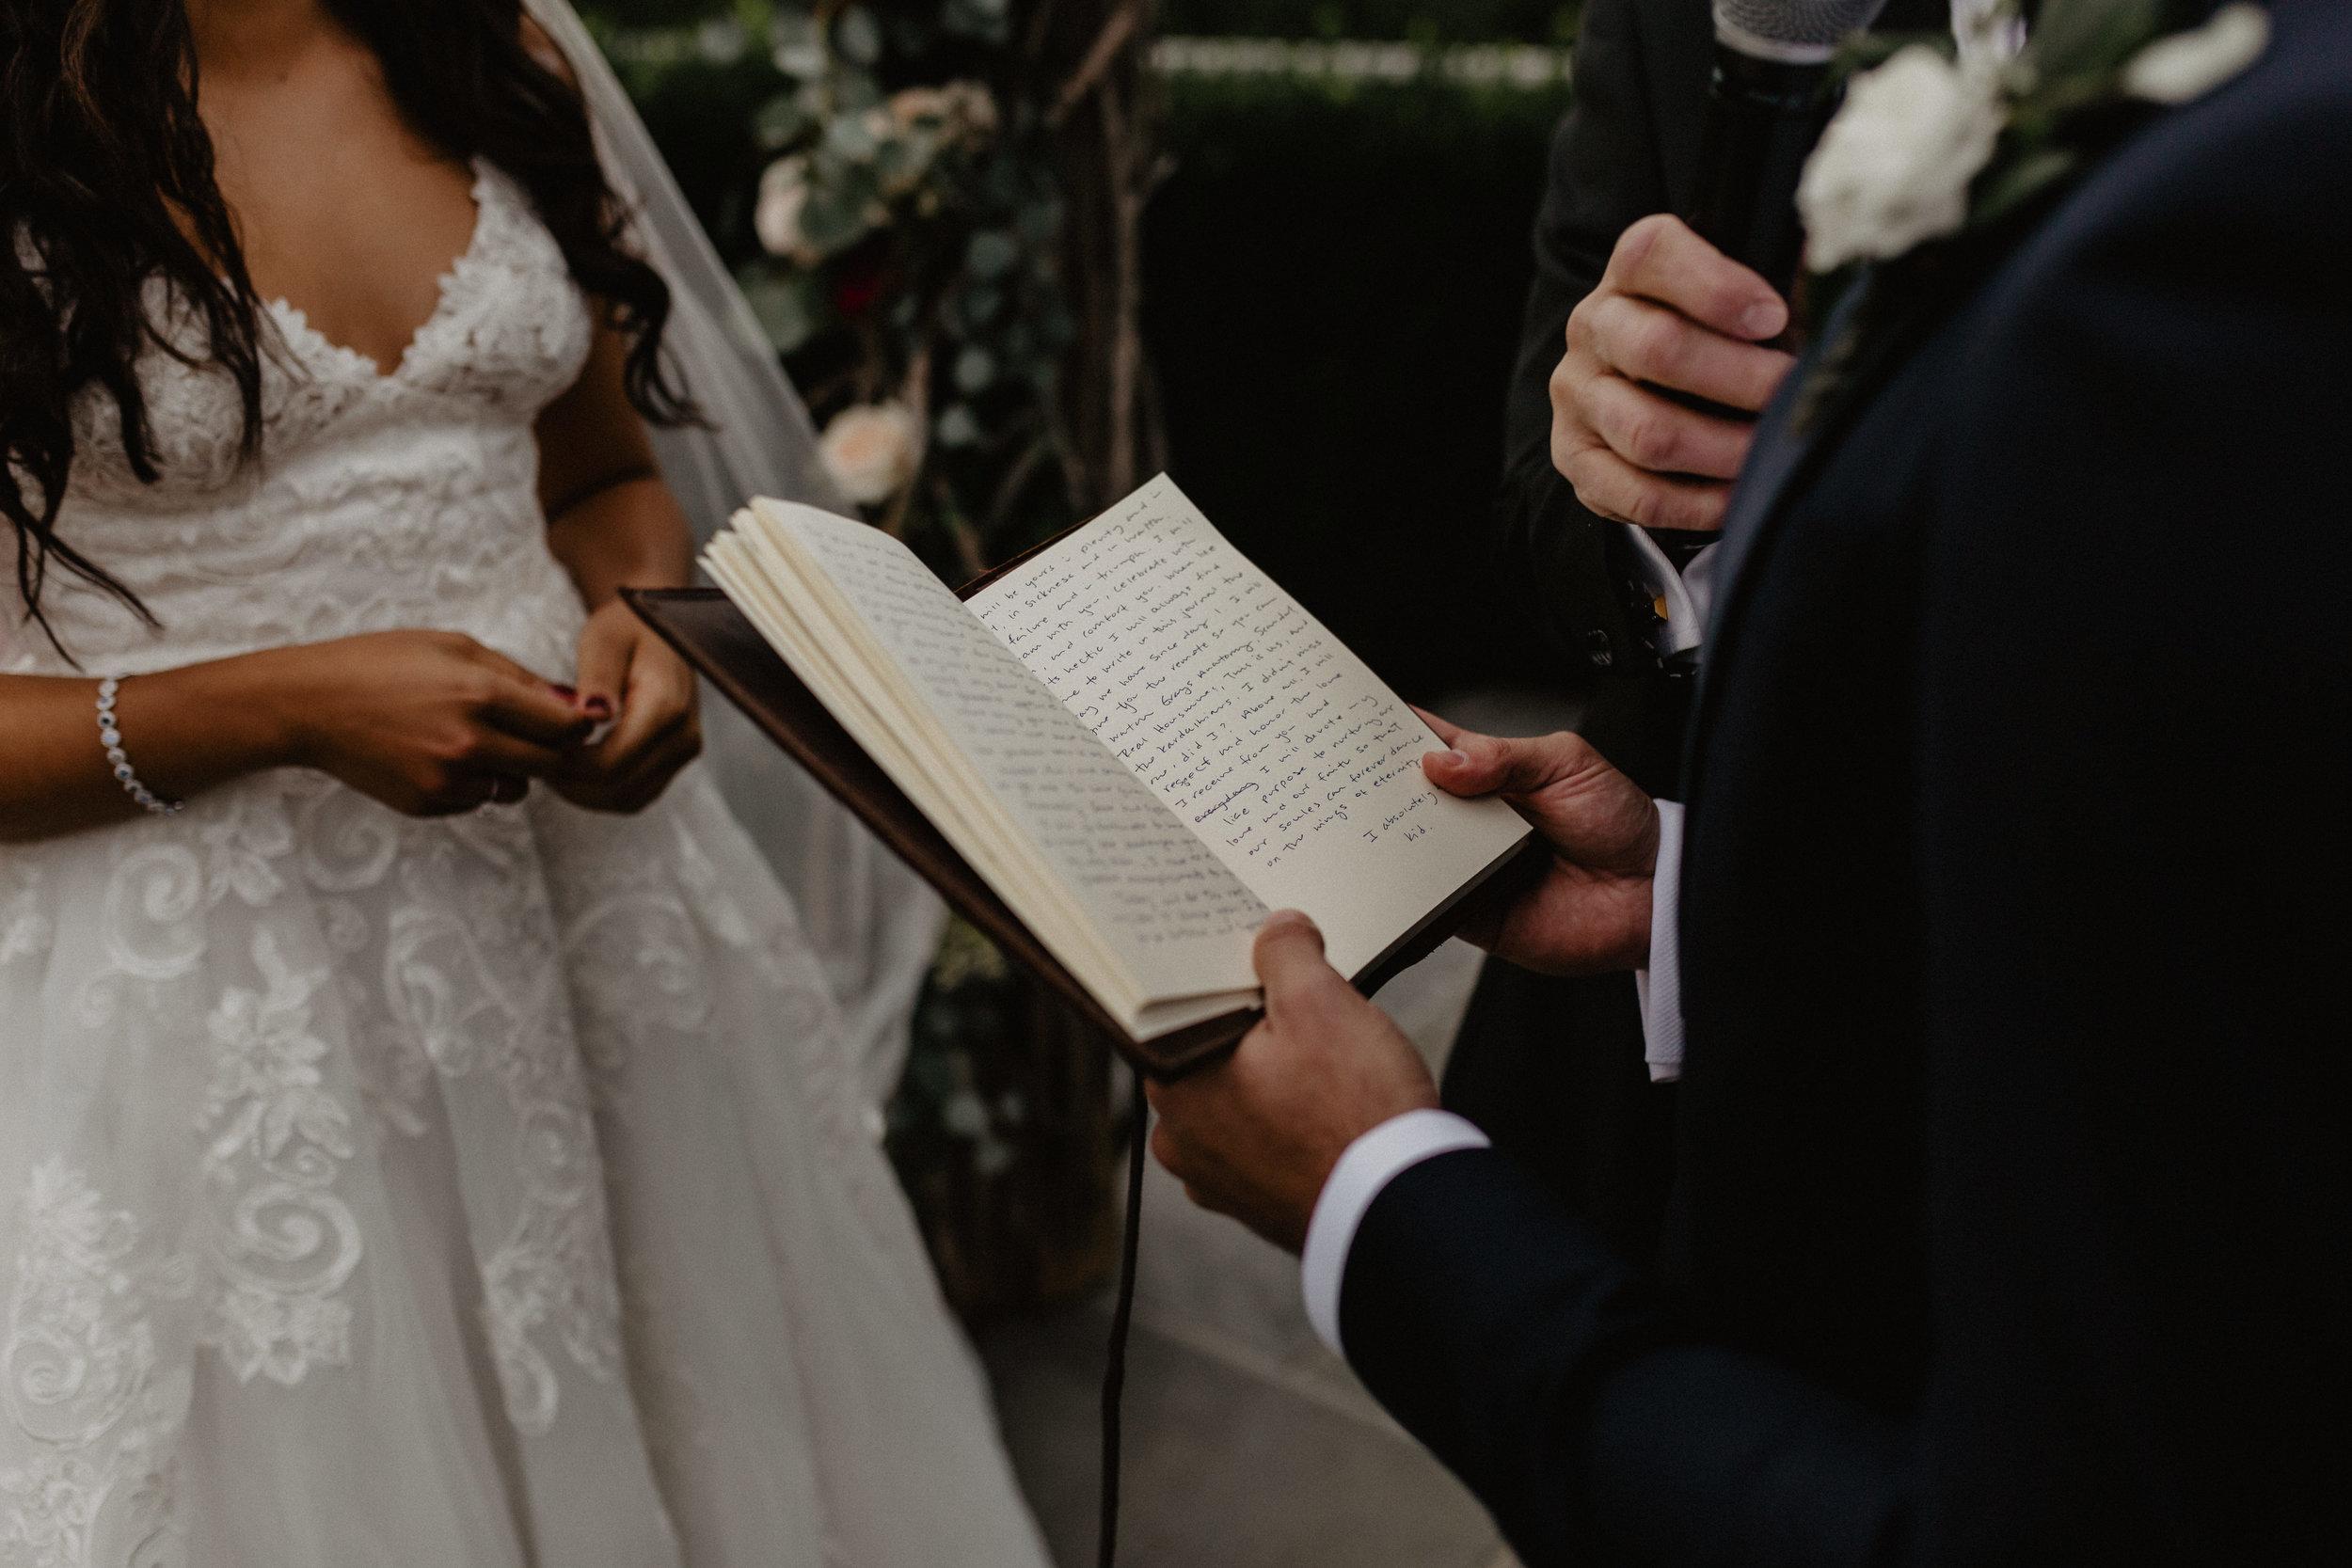 garrison_wedding_photos_054.jpg